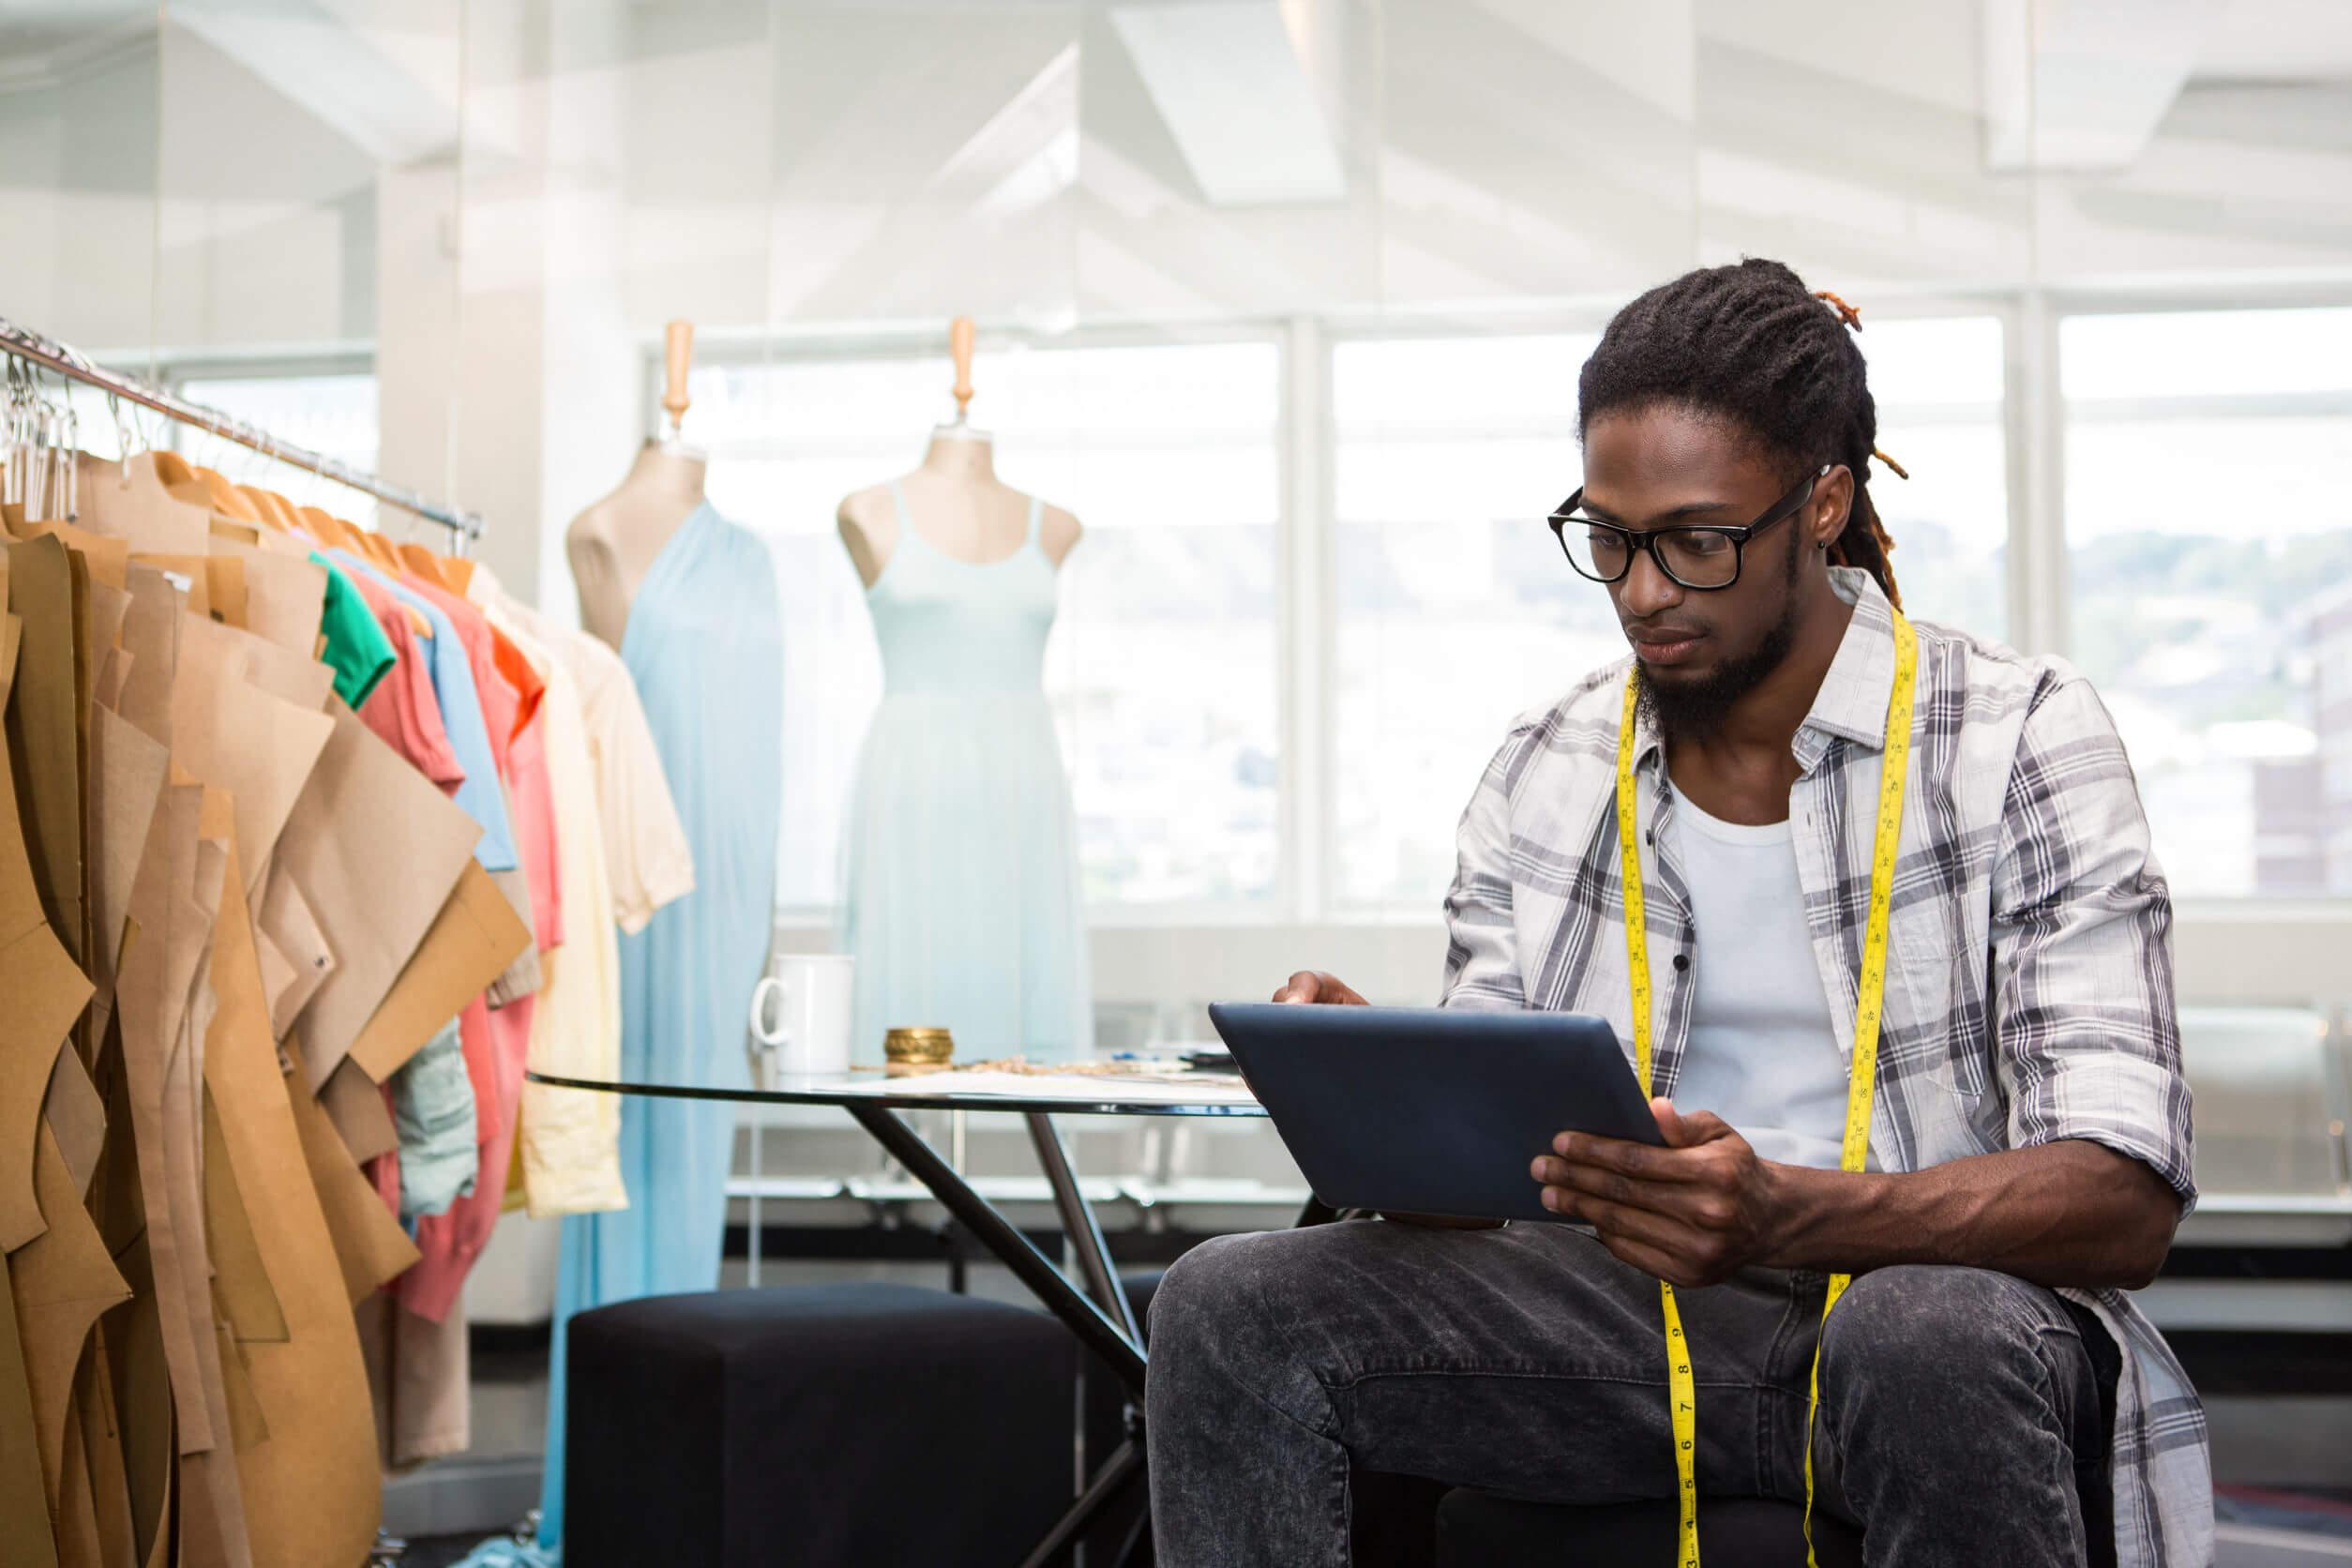 Mode Großhandel - wie erstelle ich einen B2B-Shop?